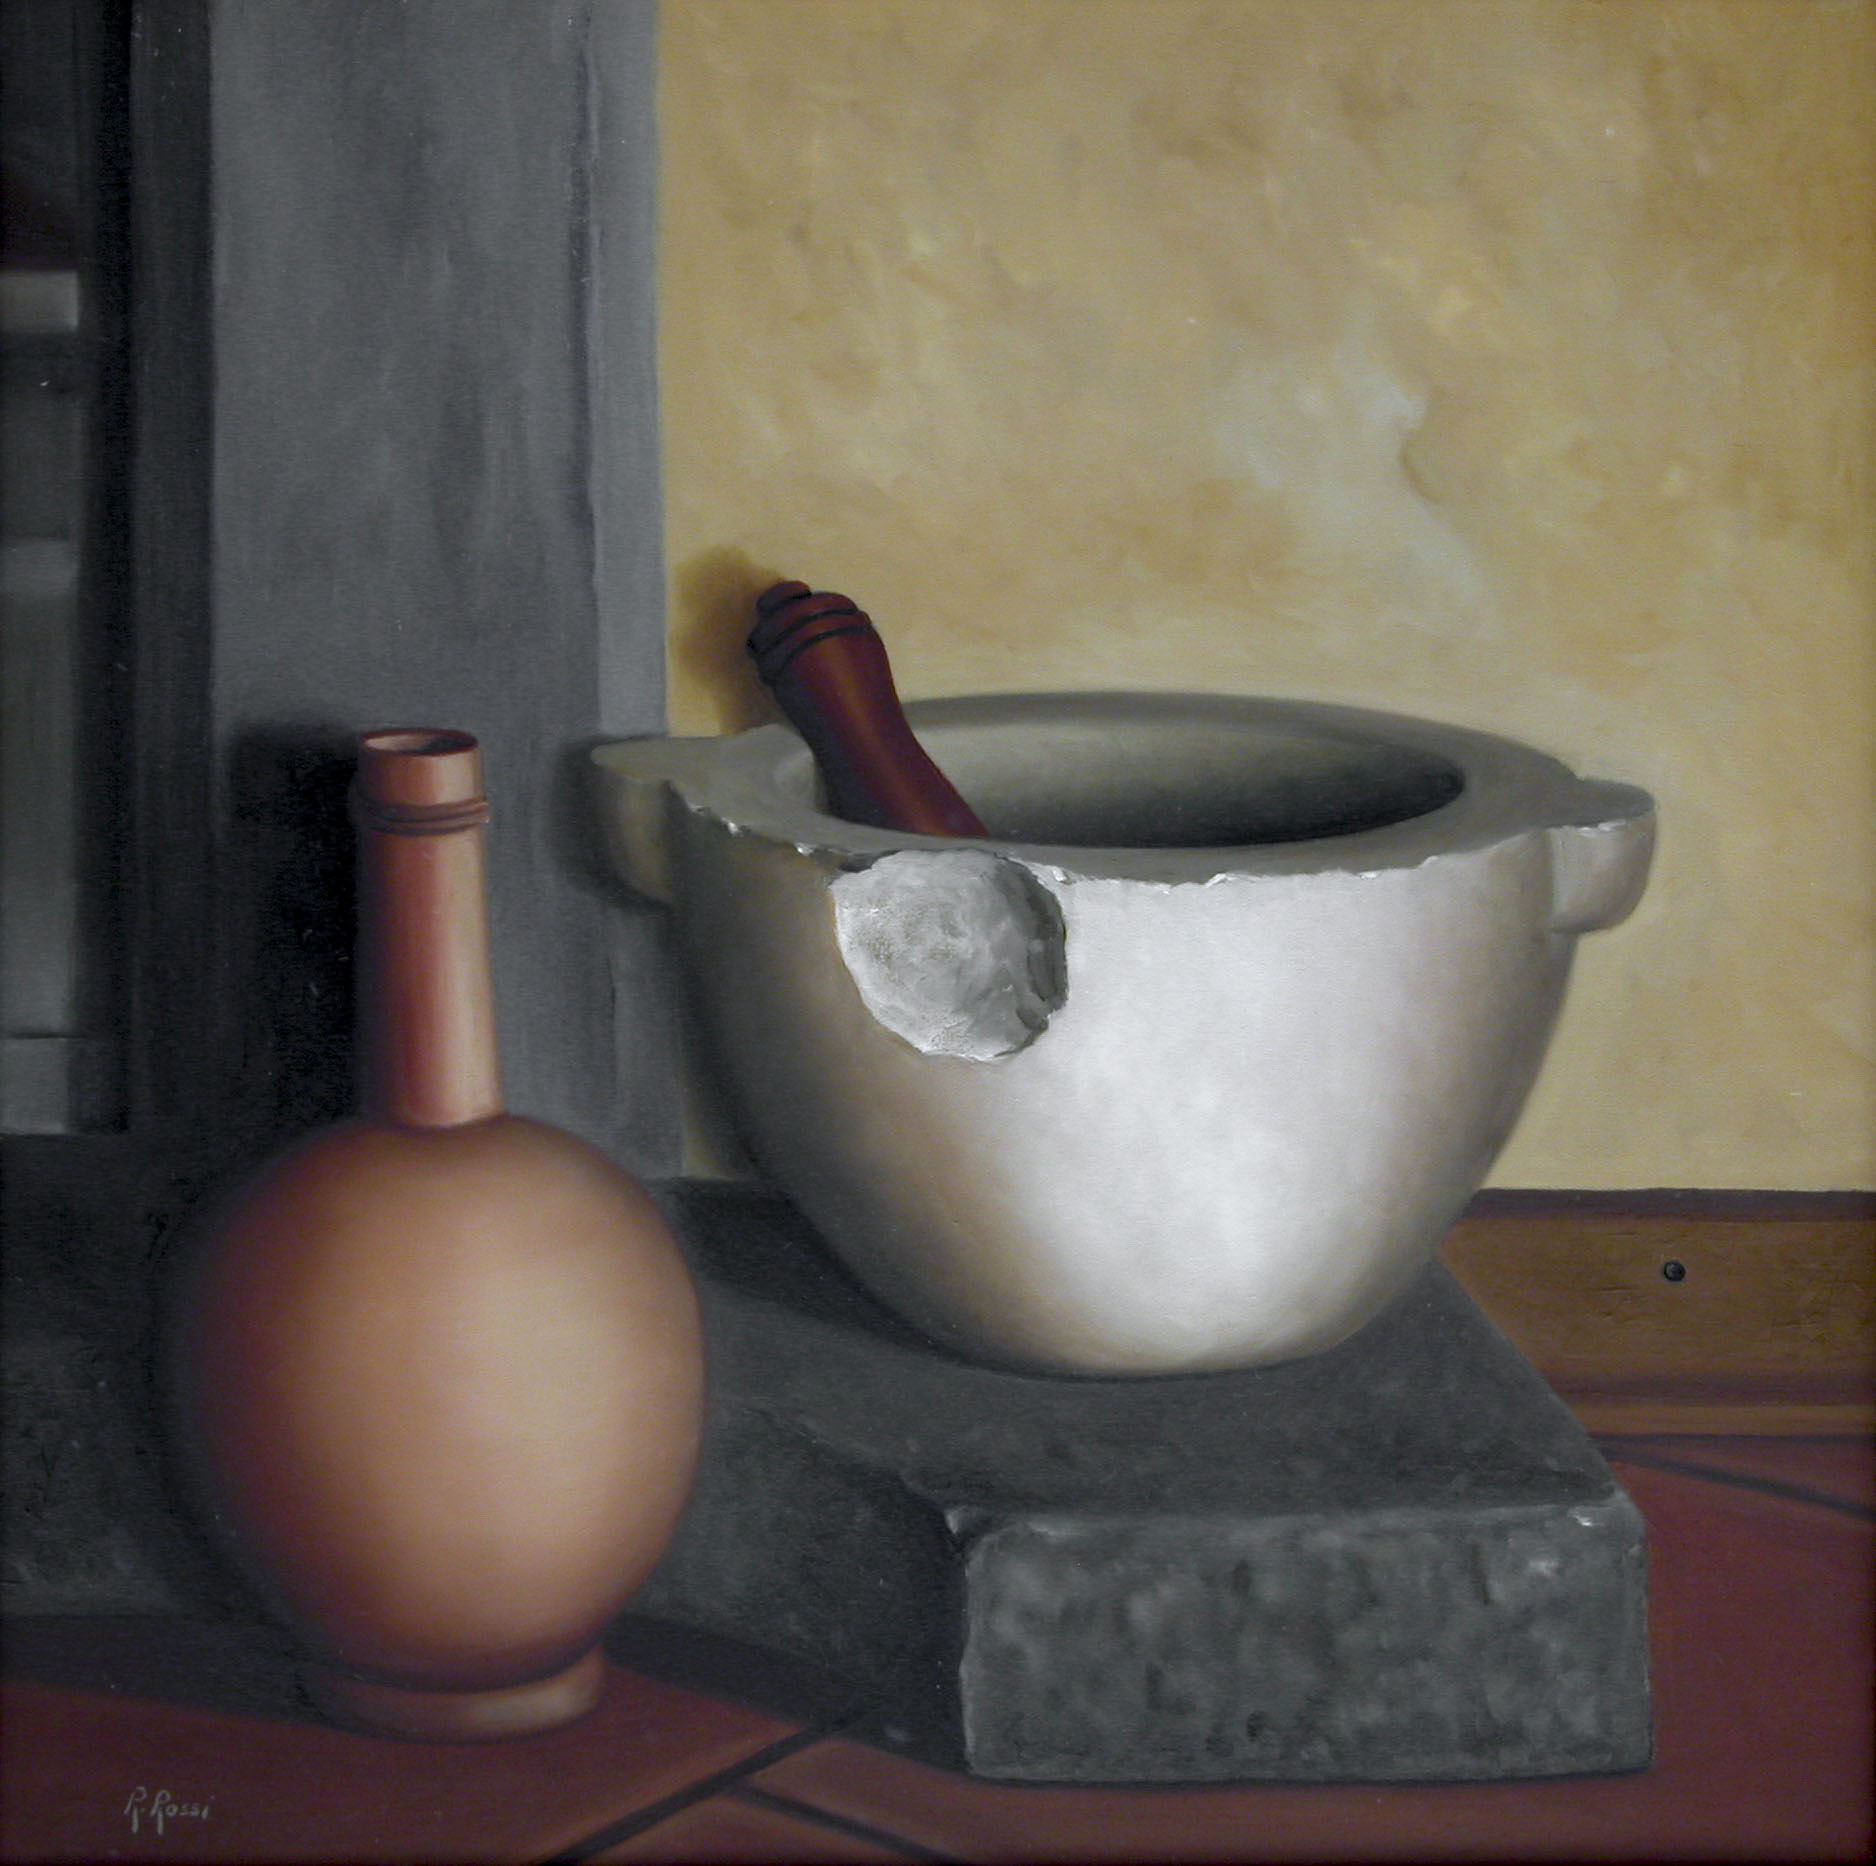 2008 roberta rossi – Vaso e mortaio – olio su tela – 40 x 40